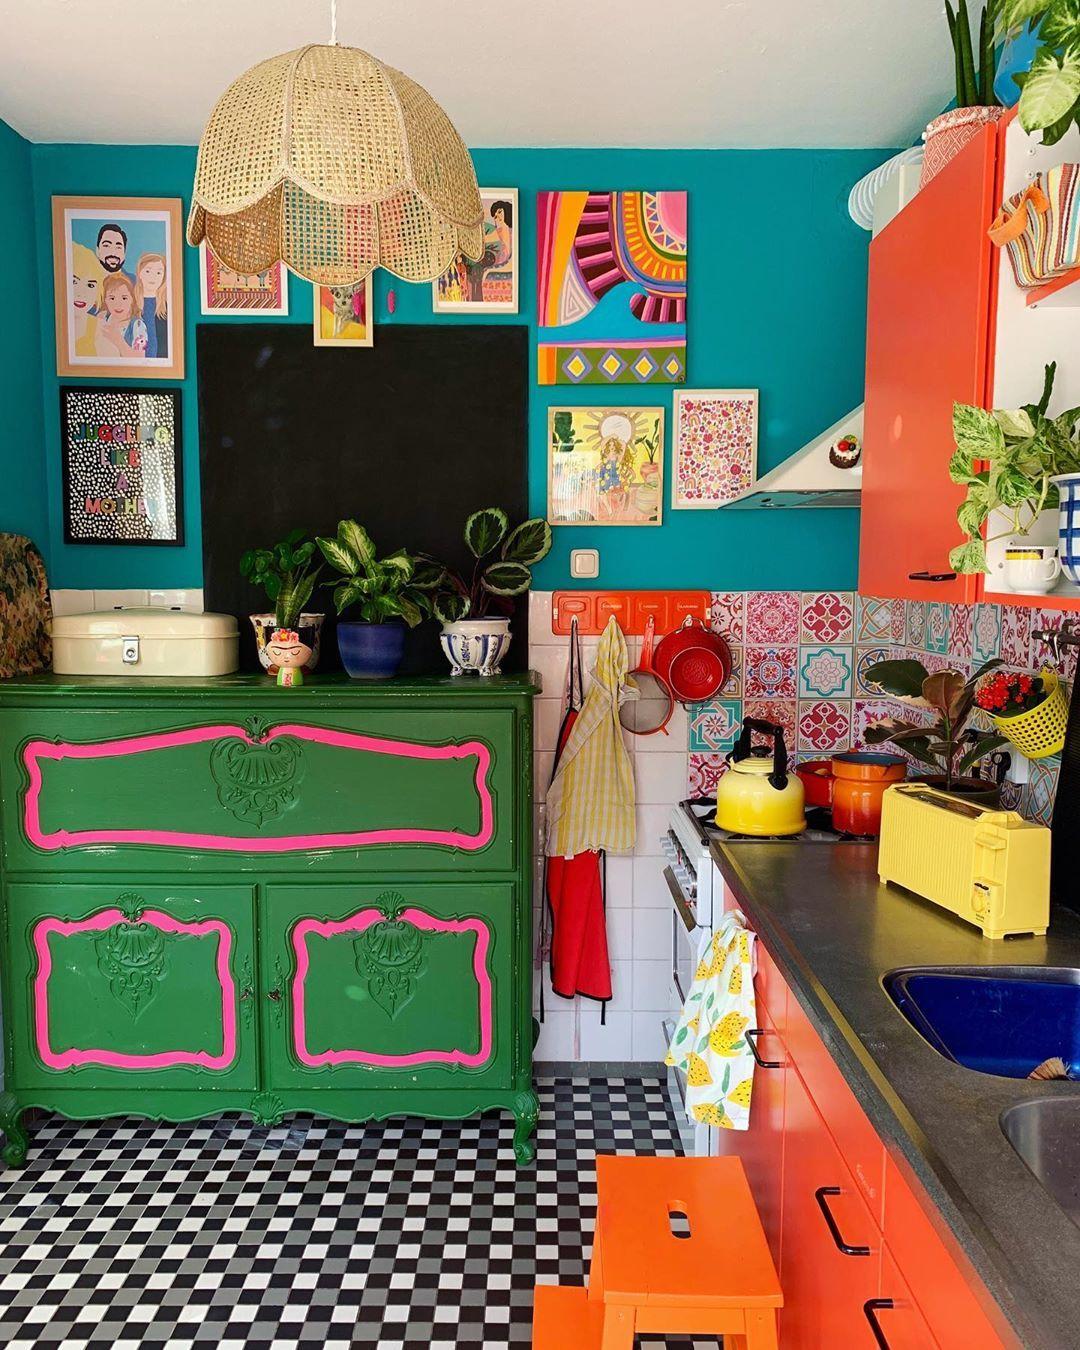 fabulous colourful kitchen in 2020 decor bright furniture hippie home decor on kitchen decor hippie id=35008